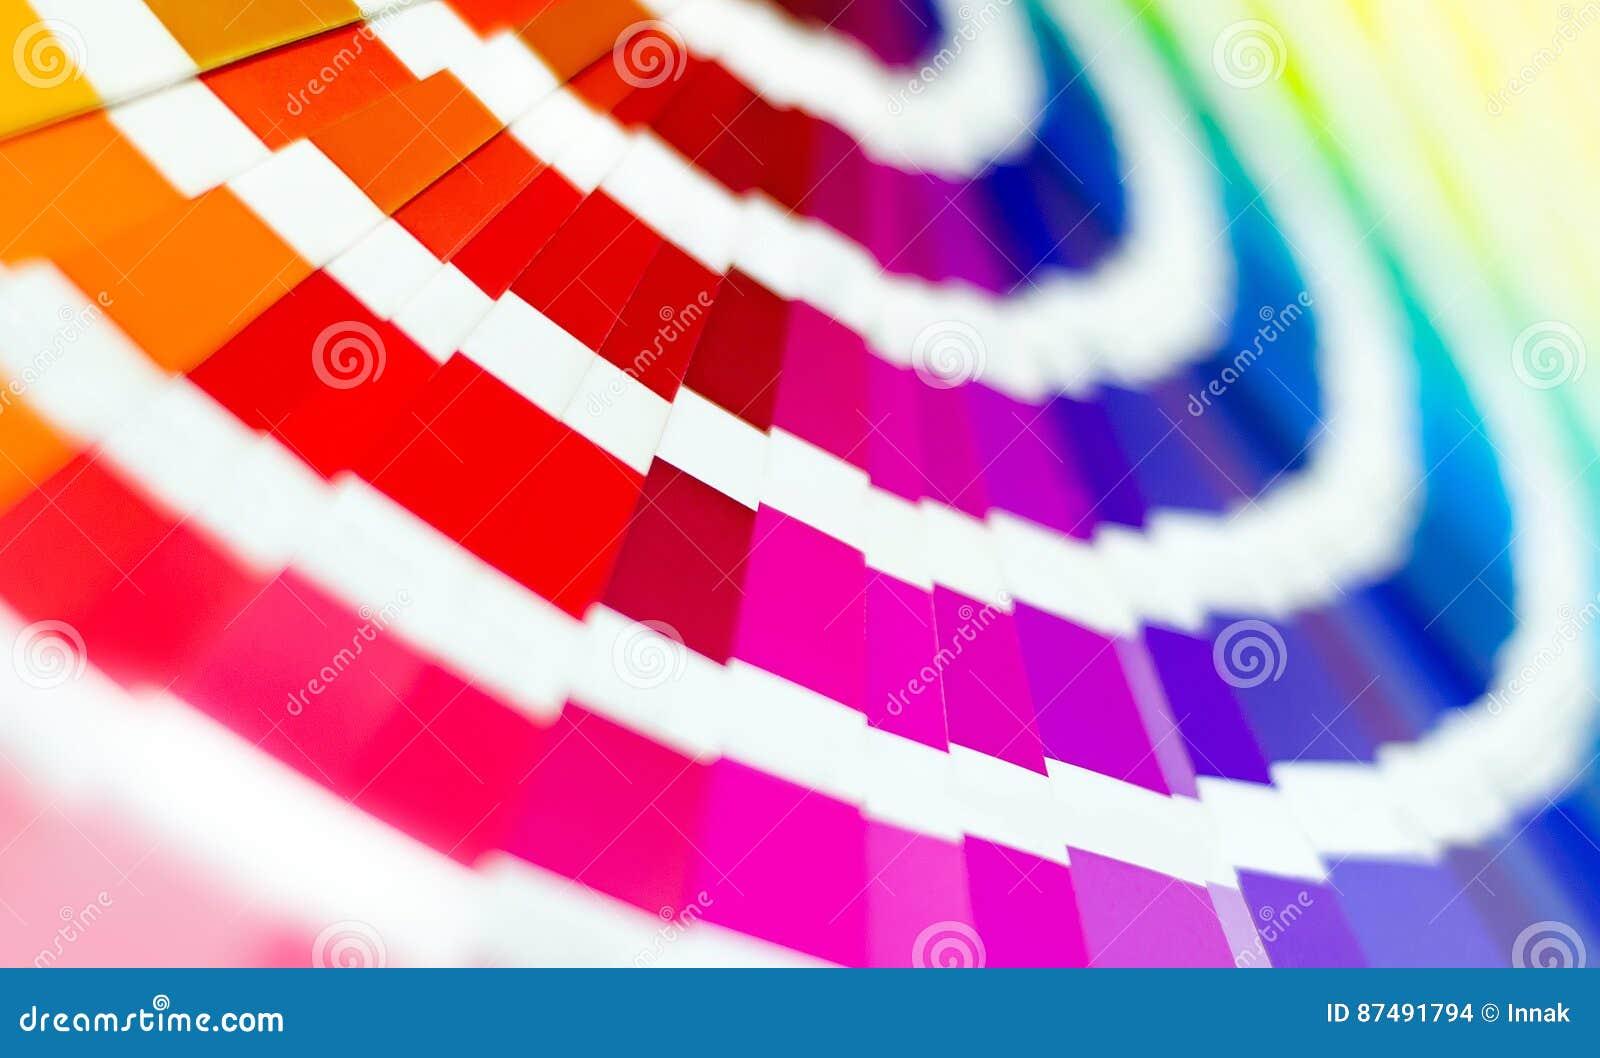 Color Palette Guide. Sample Colors Catalog. Multicolored Bright ...